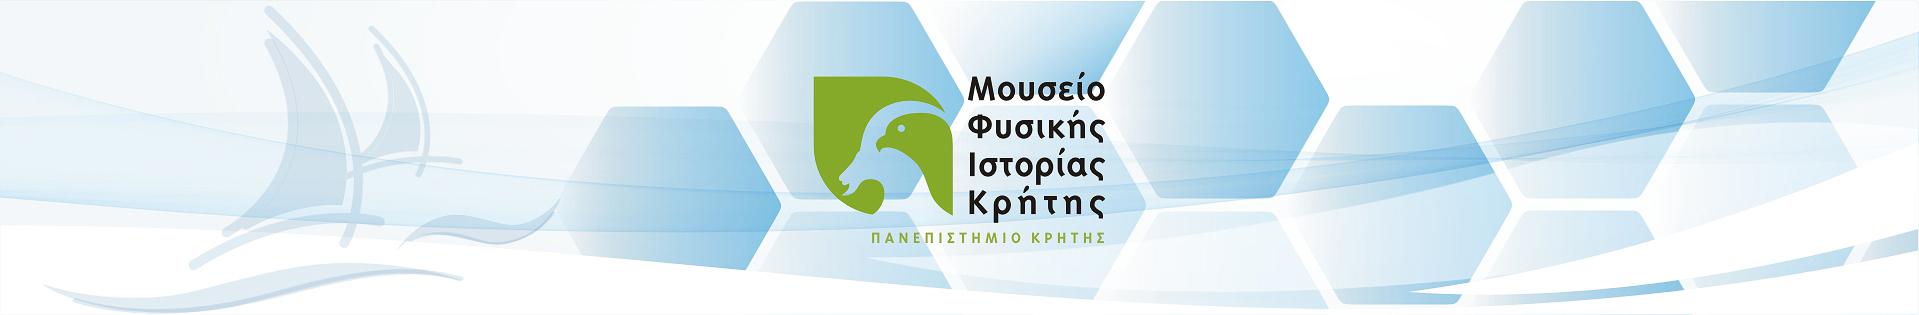 Πανεπιστήμιο Κρήτης – Ειδικός Λογαριασμός Μ.Φ.Ι.Κ., ΕΛ.ΠΚ/ Μ.Φ.Ι.Κ.